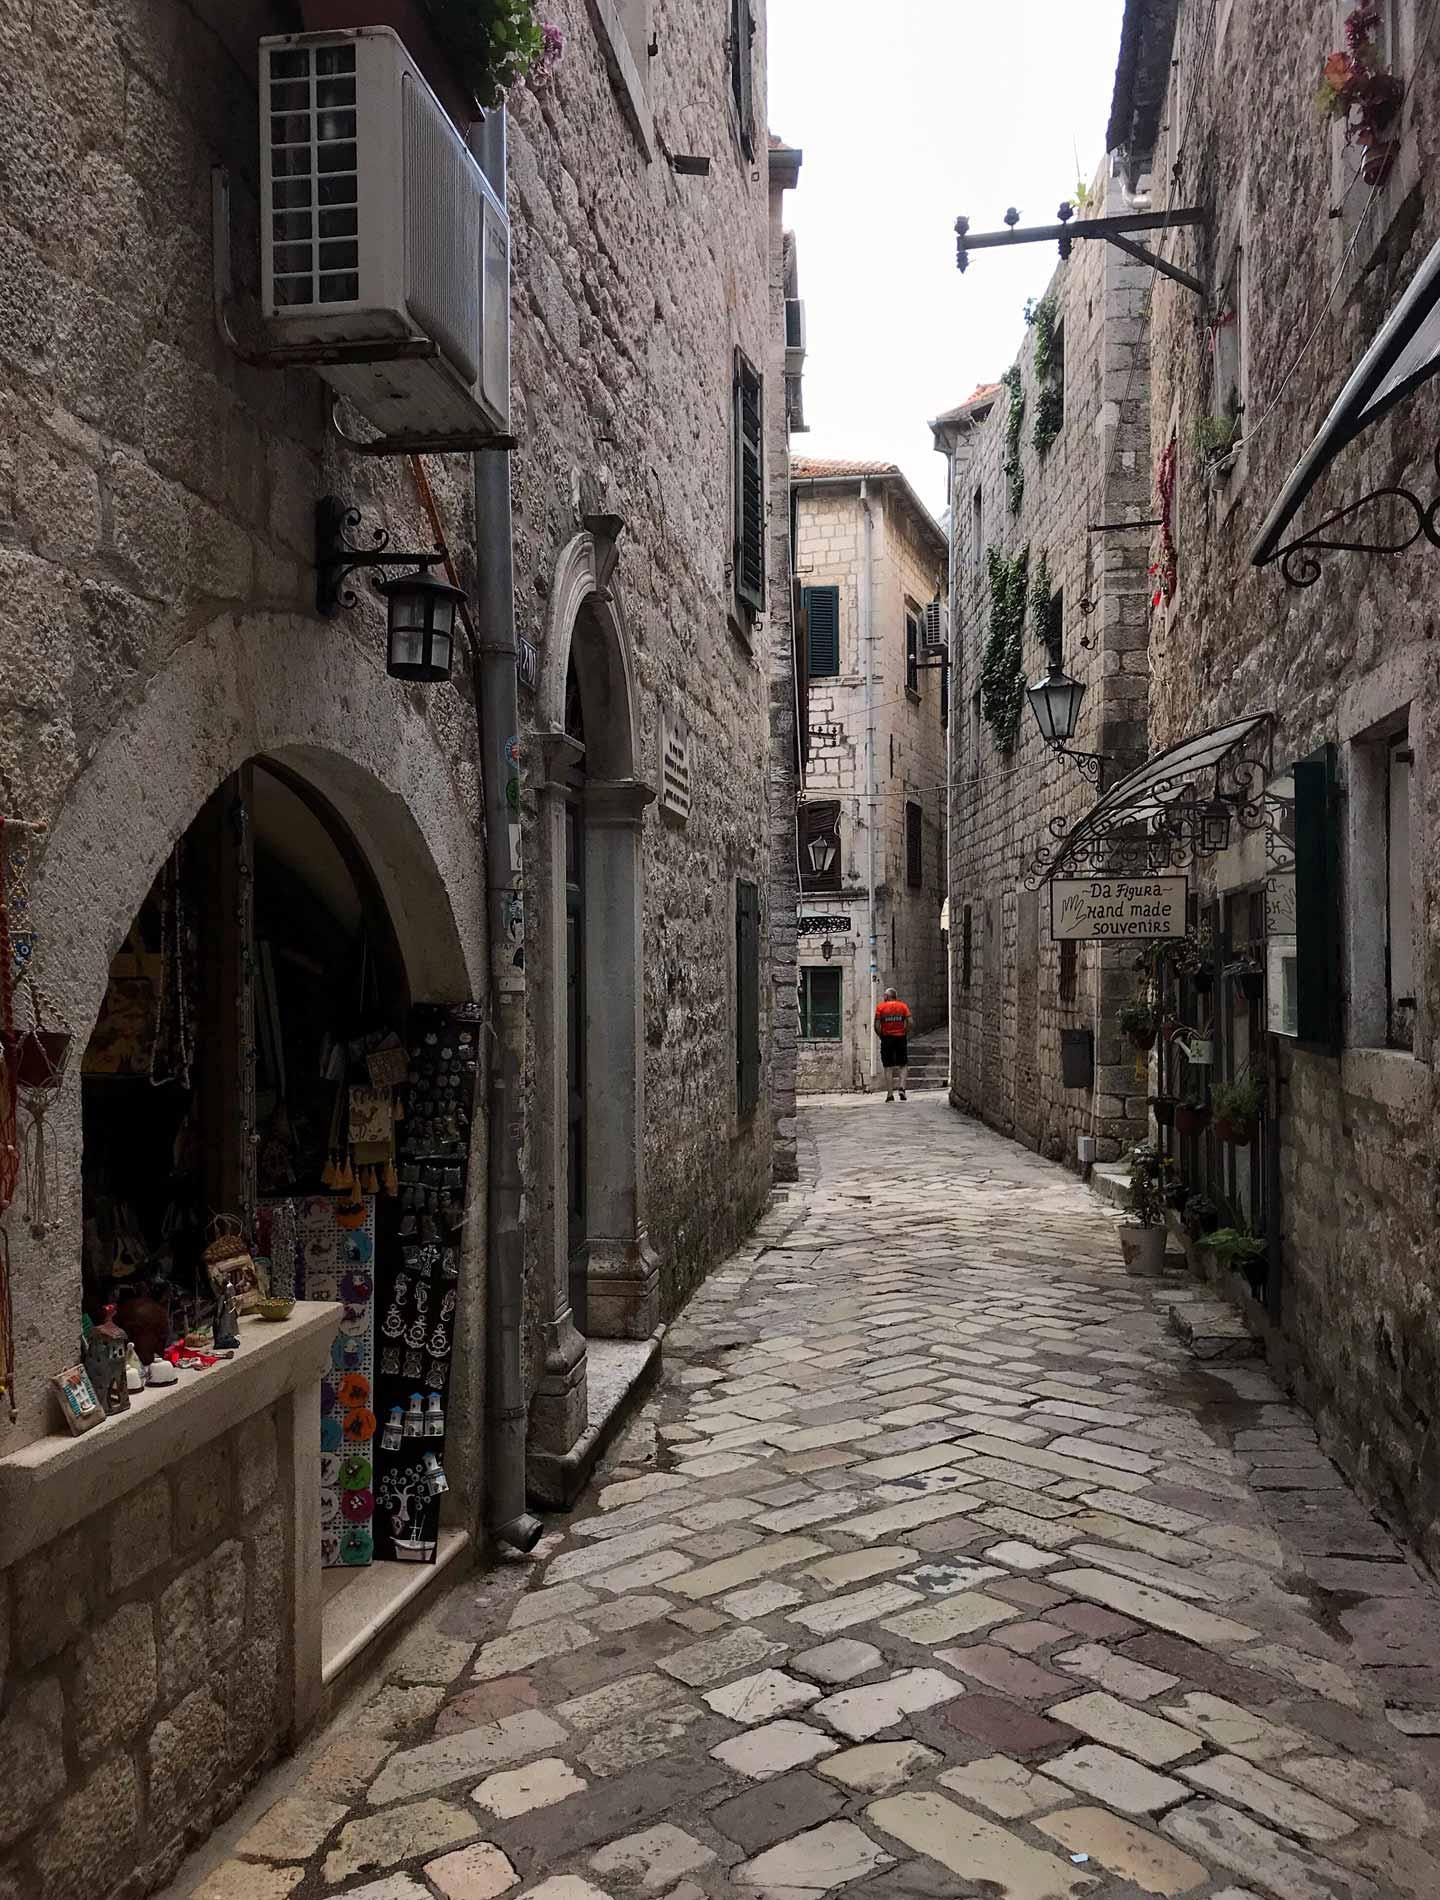 Kotor-Montenegro-via-Ulica-2-case-fontanella-muri-in-pietra-negozietto